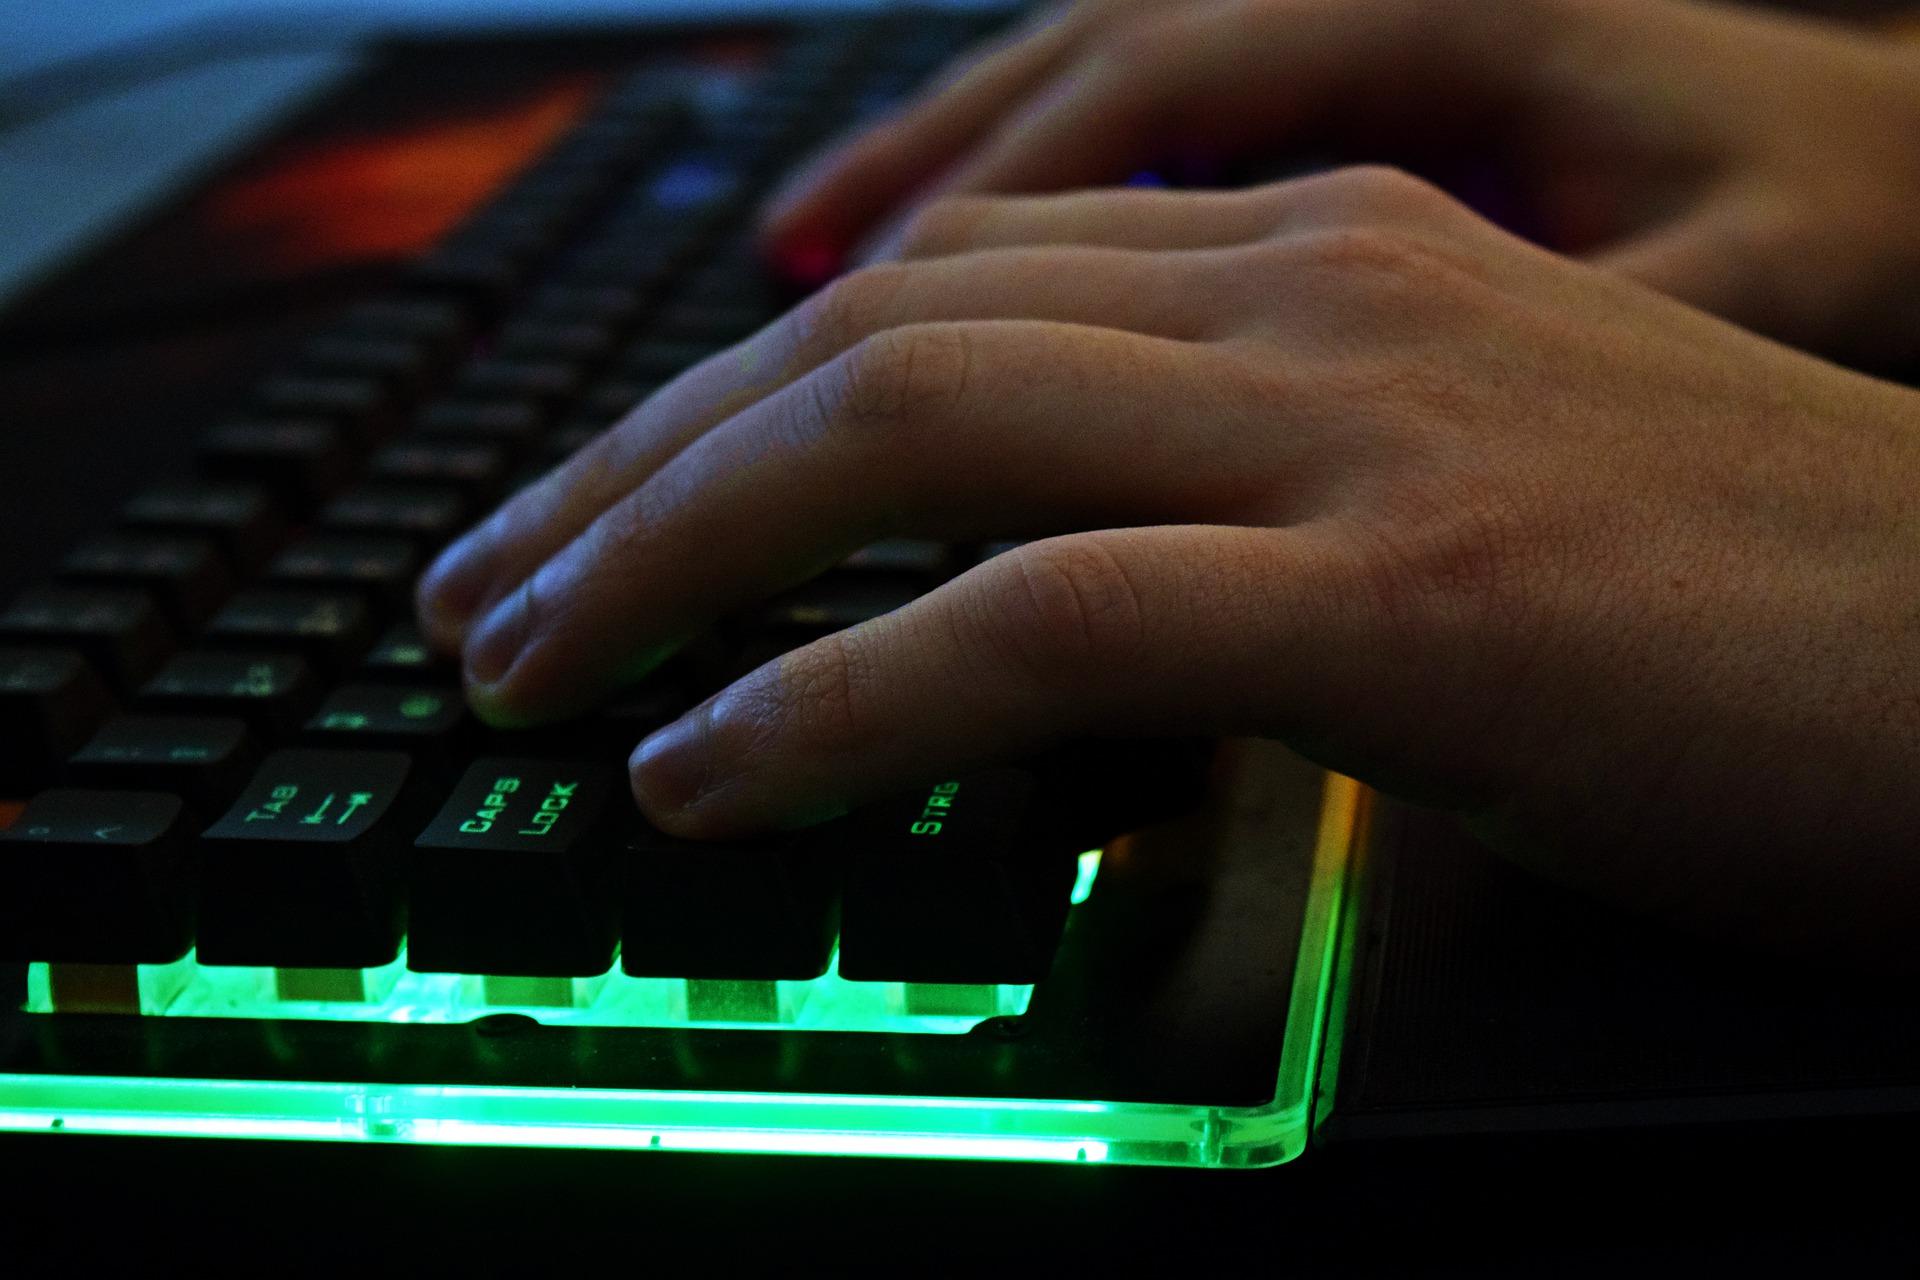 Imagem mostra um teclado gamer iluminado em uso.